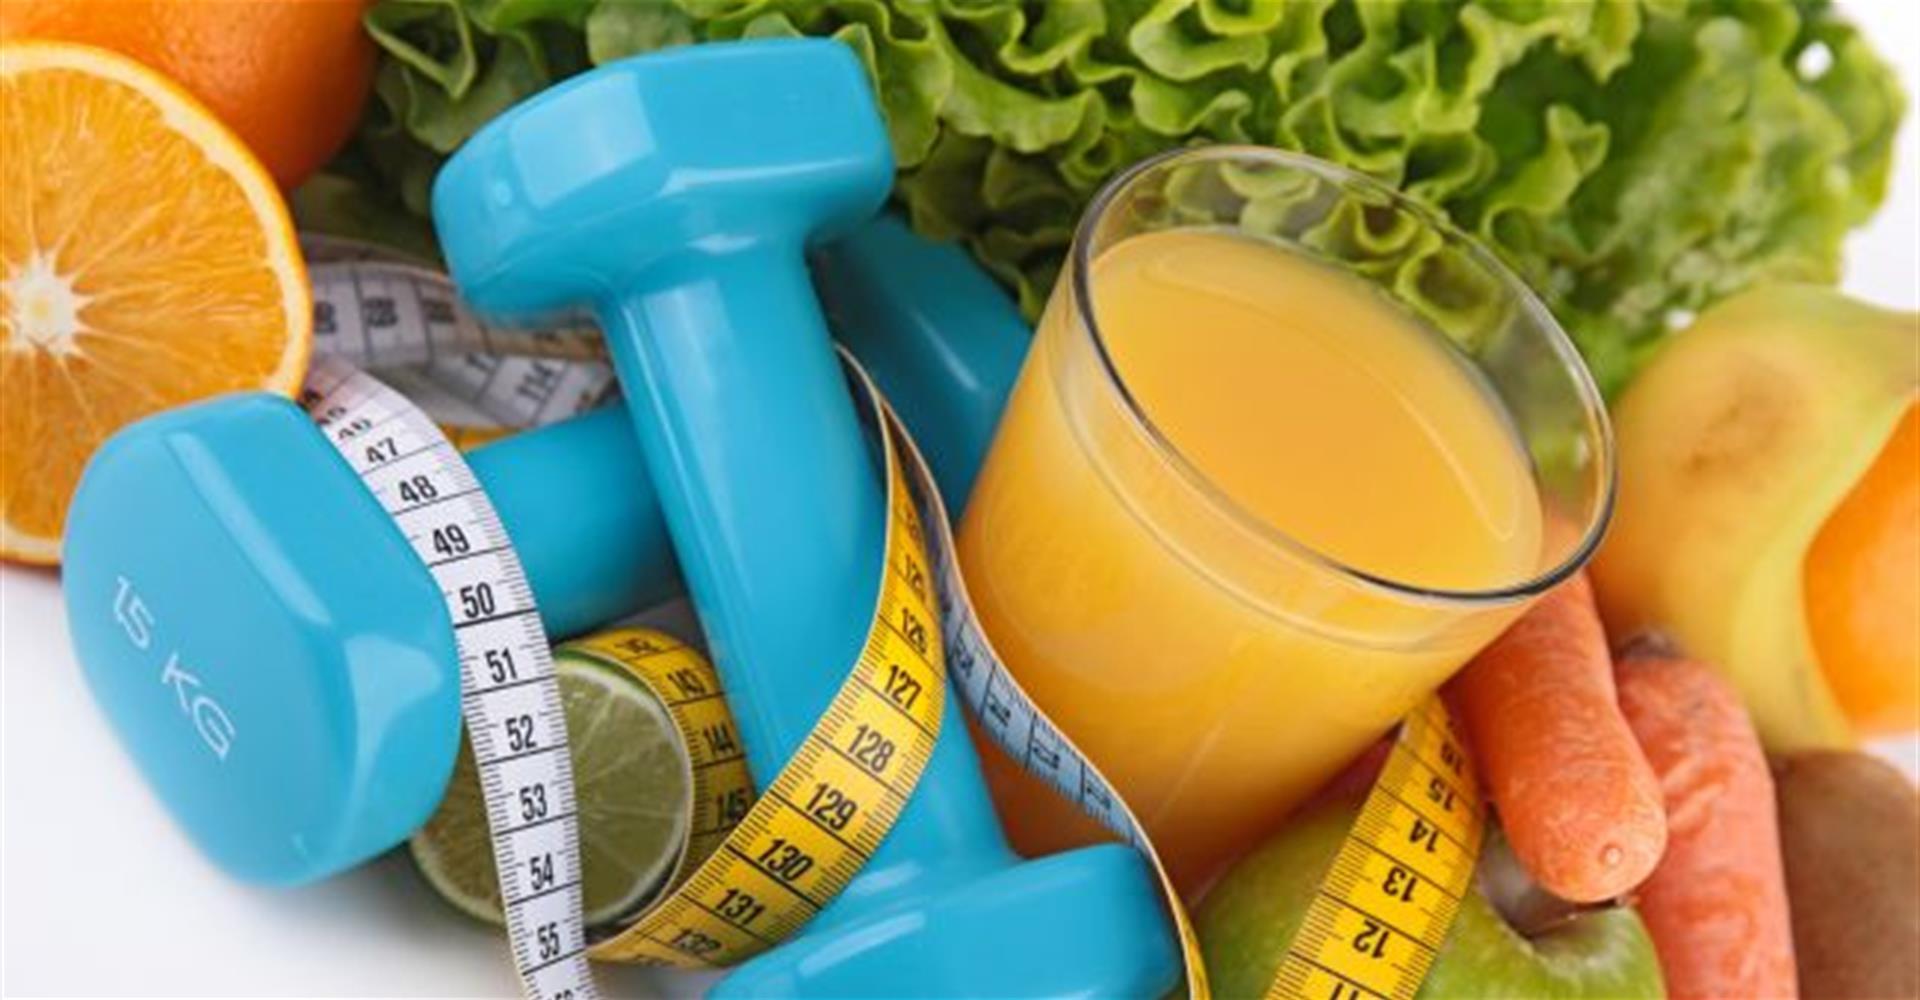 Dieta Marc Messegue Che Cos E Come Funziona Cosa Mangiare Menu Esempio Benefici E Controindicazioni Nonsolobenessere It